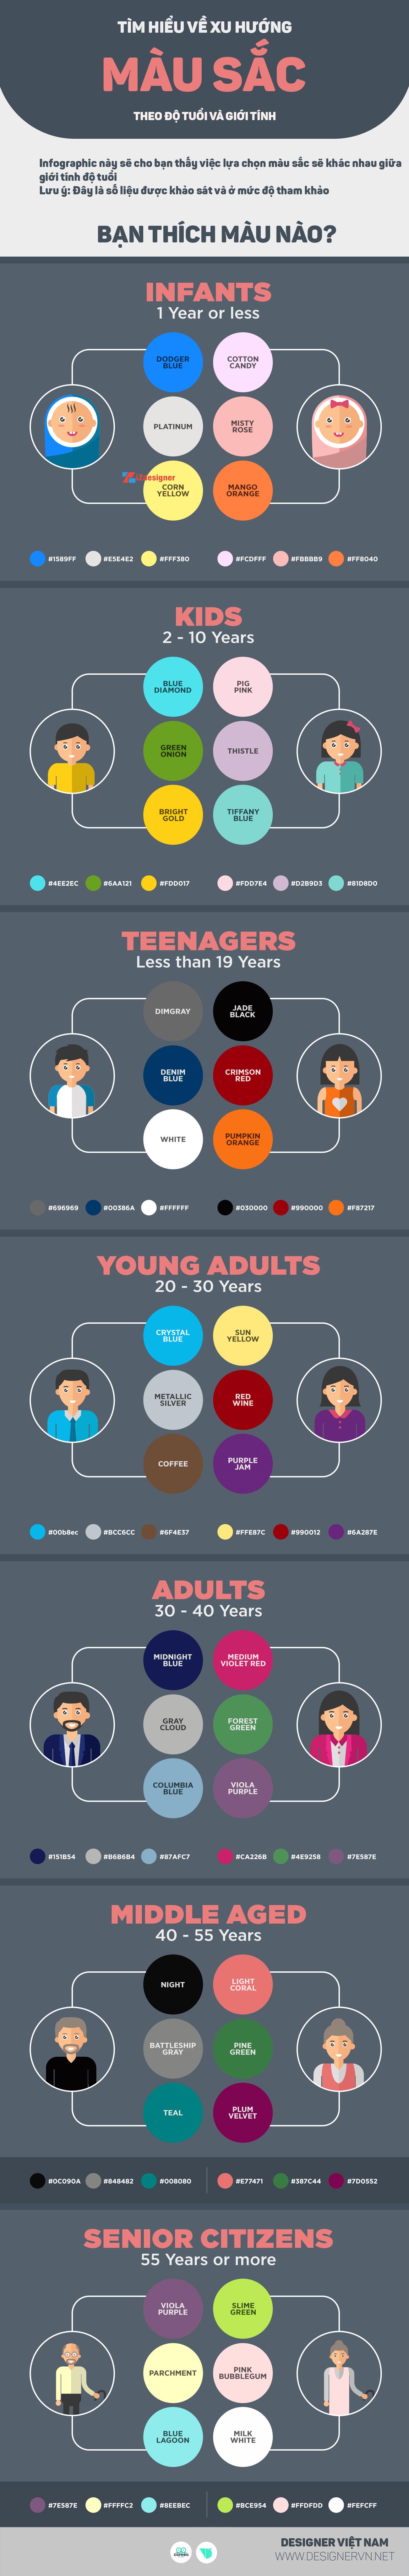 Sự thay đổi về sở thích màu sắc tùy theo độ tuổi và giới tính